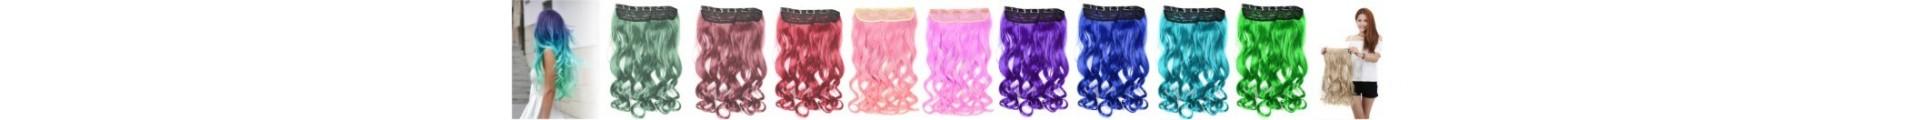 Cortinas de cabello Unicolor extensiones Onduladas Largas !!